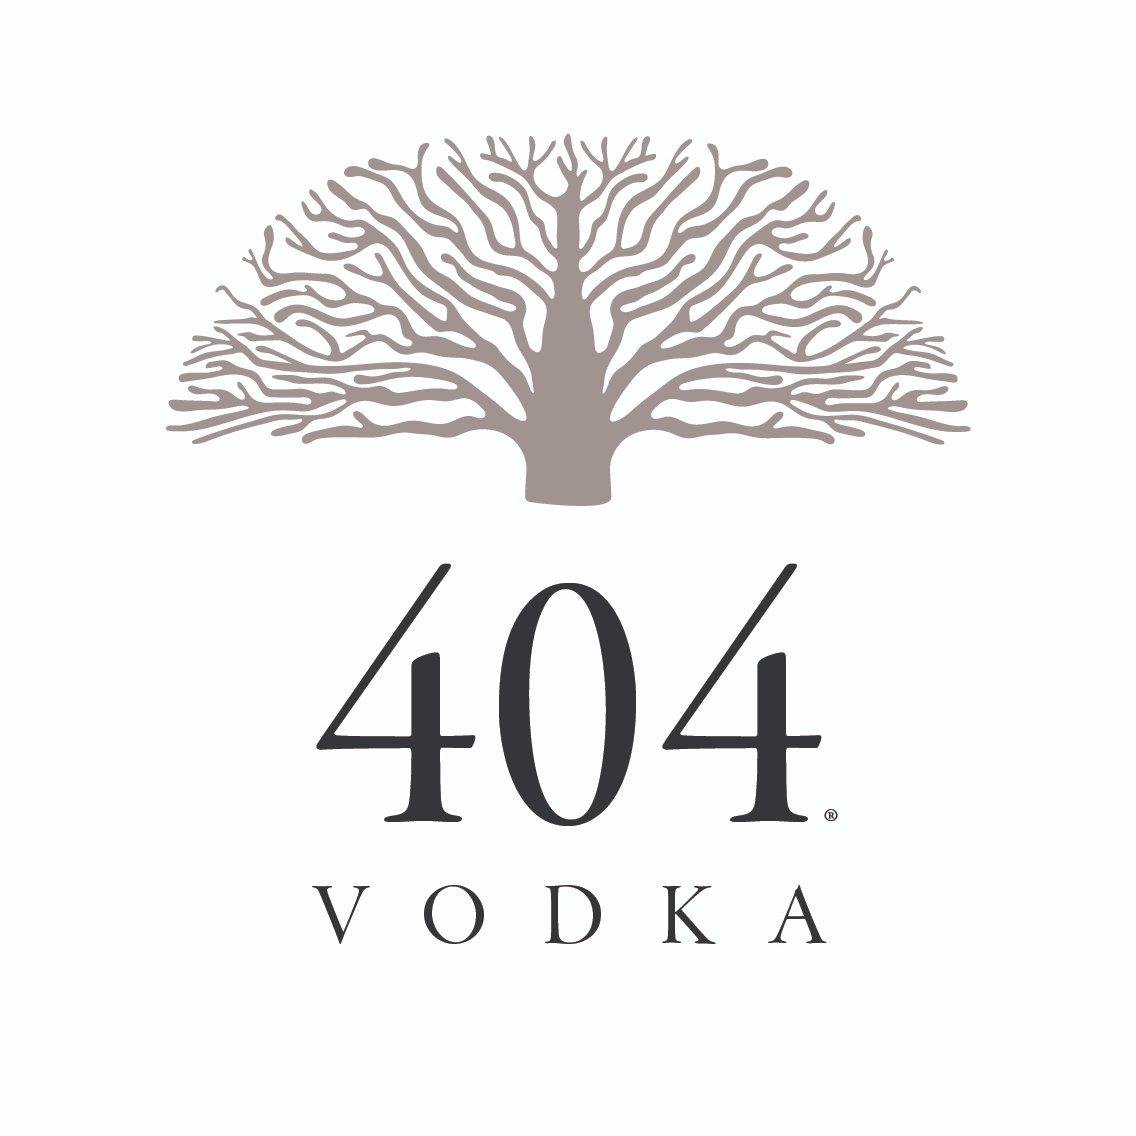 404 VODKA